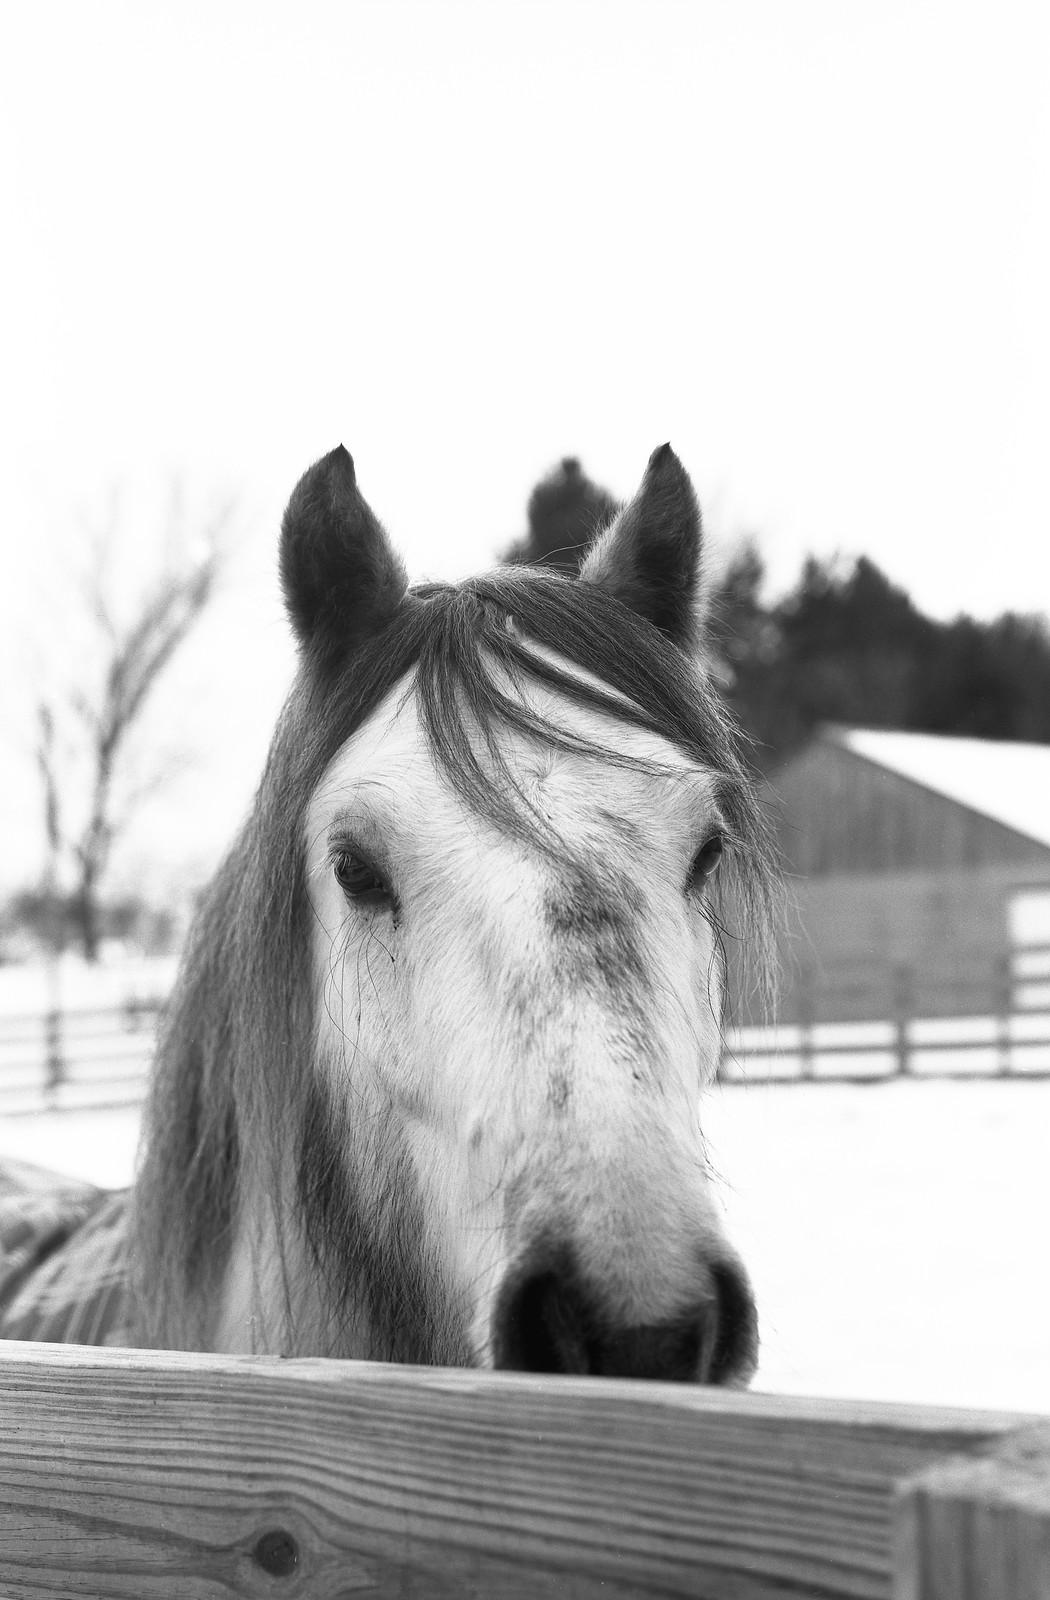 Vixen Hollow, Topcon Horseman 985, Ilford Delta 100